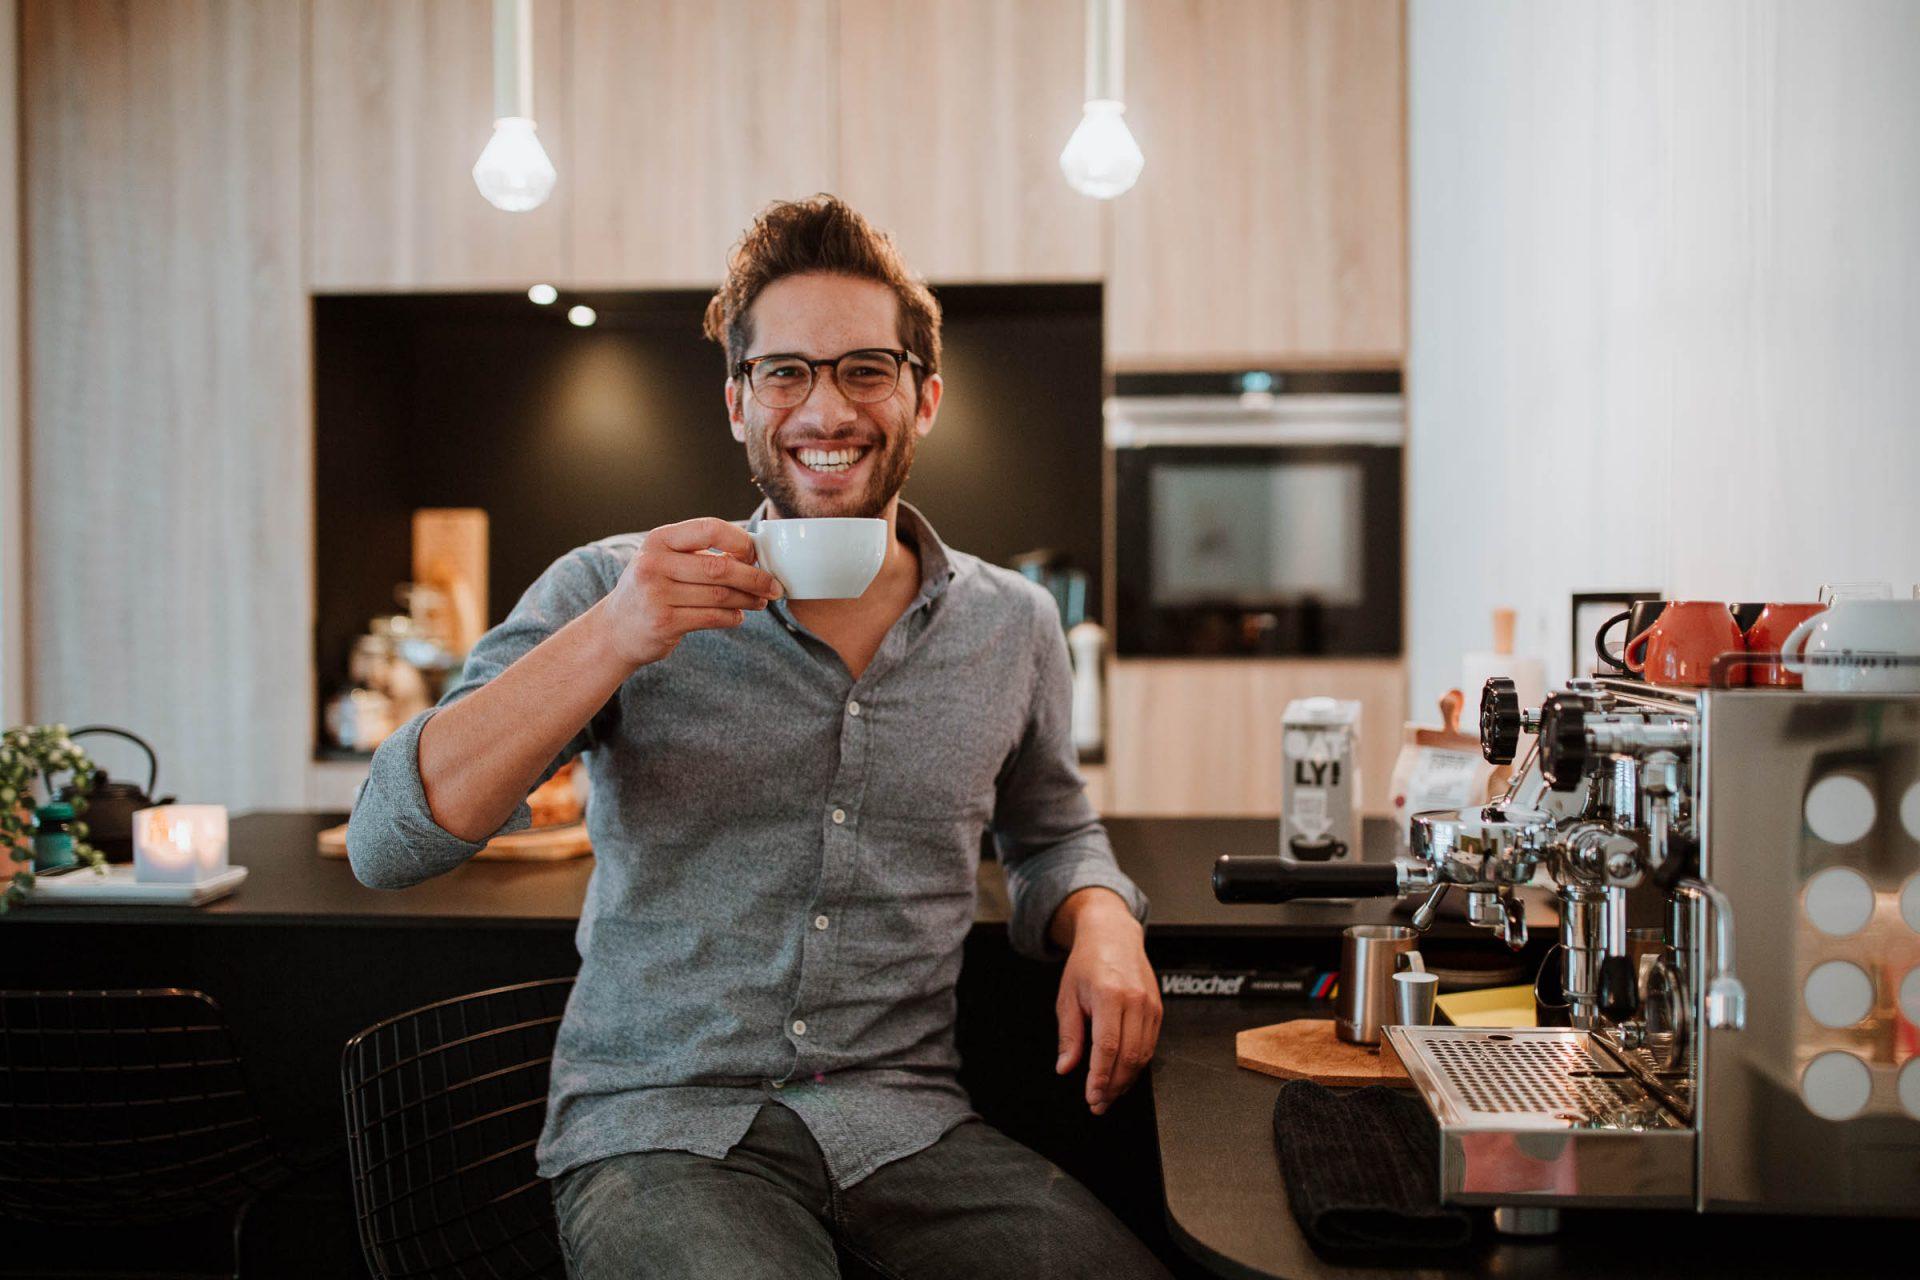 Ralph Rowena koffieliefhebbers koffie en een rocket espresso machine